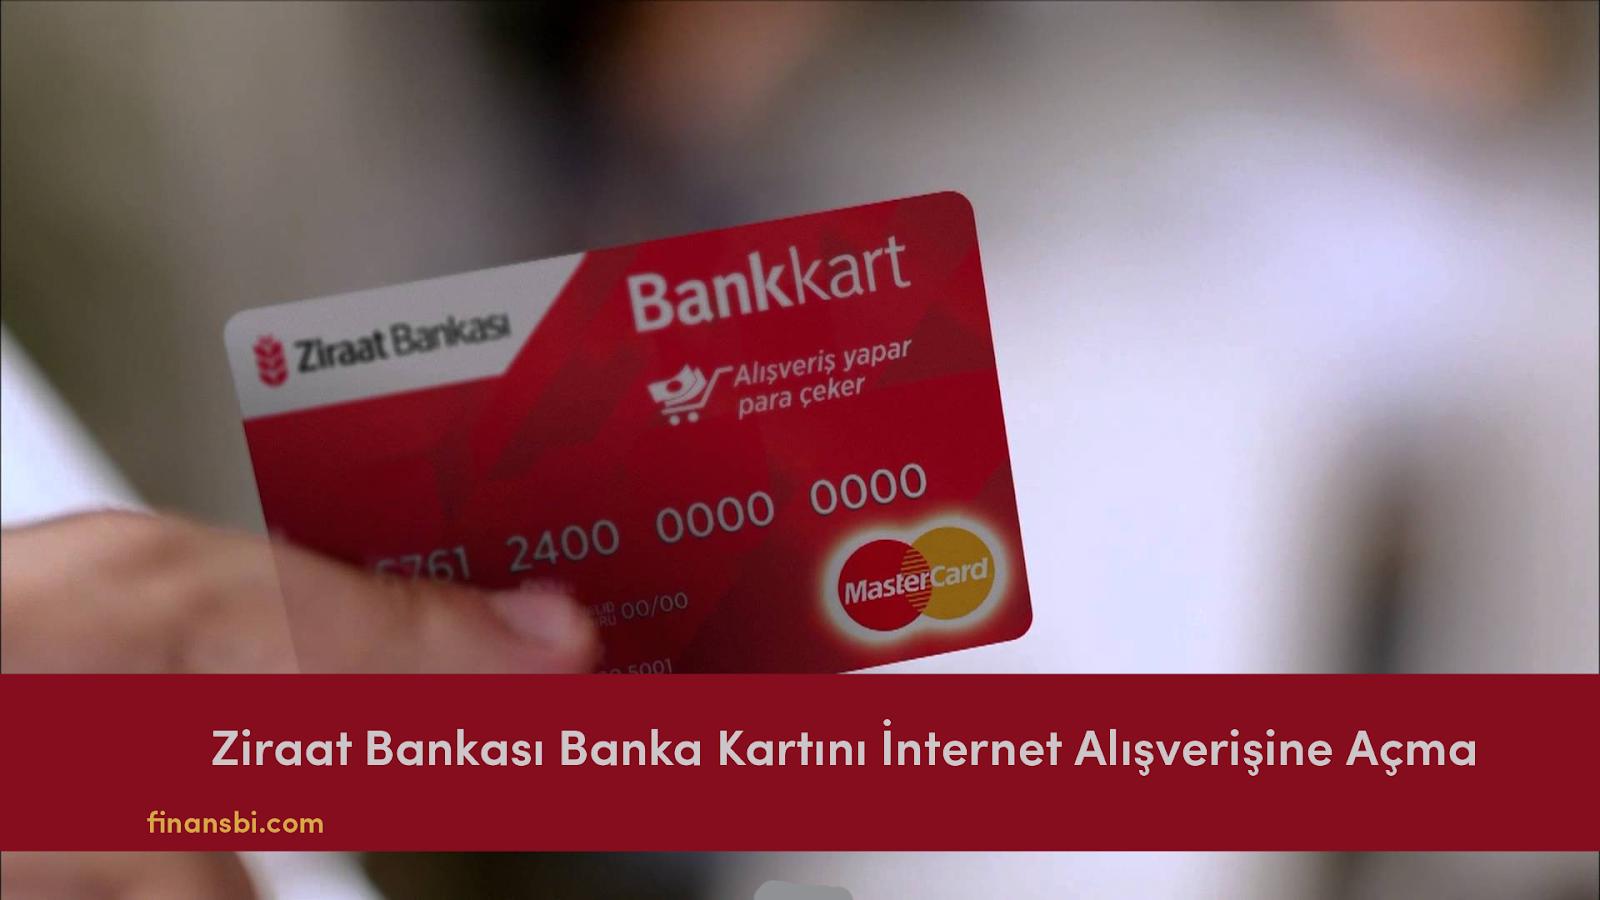 kredi kartını internet alışverişine açtırma ziraat